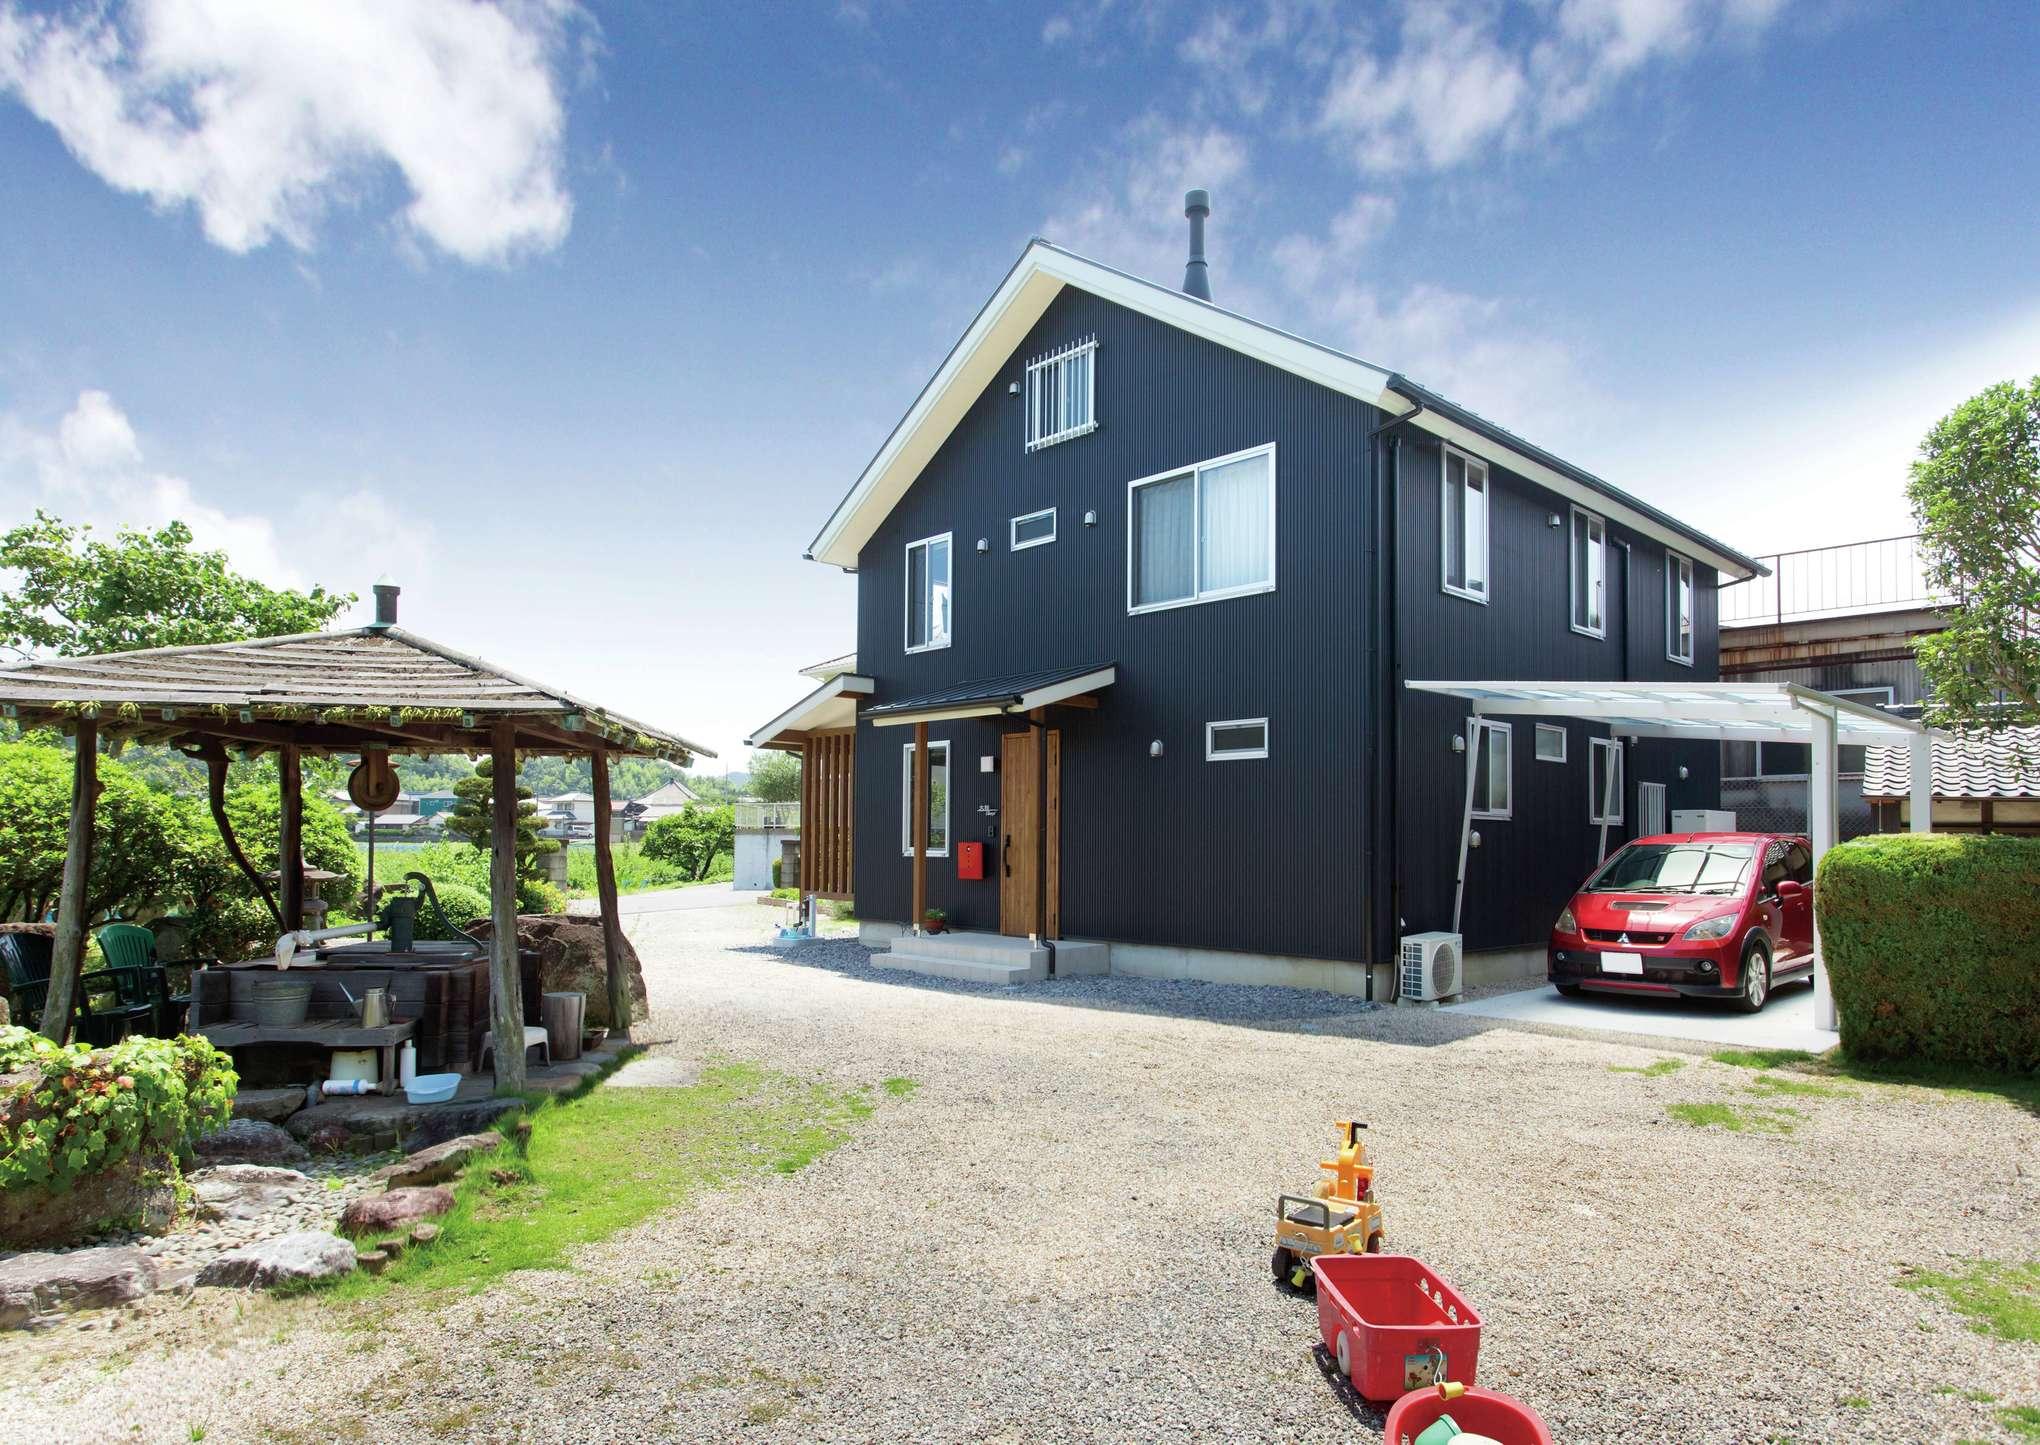 サイエンスホーム【デザイン住宅、自然素材、間取り】飽きのこないシンプルモダンな外観デザインは、外から帰ってくるたびにホッとする